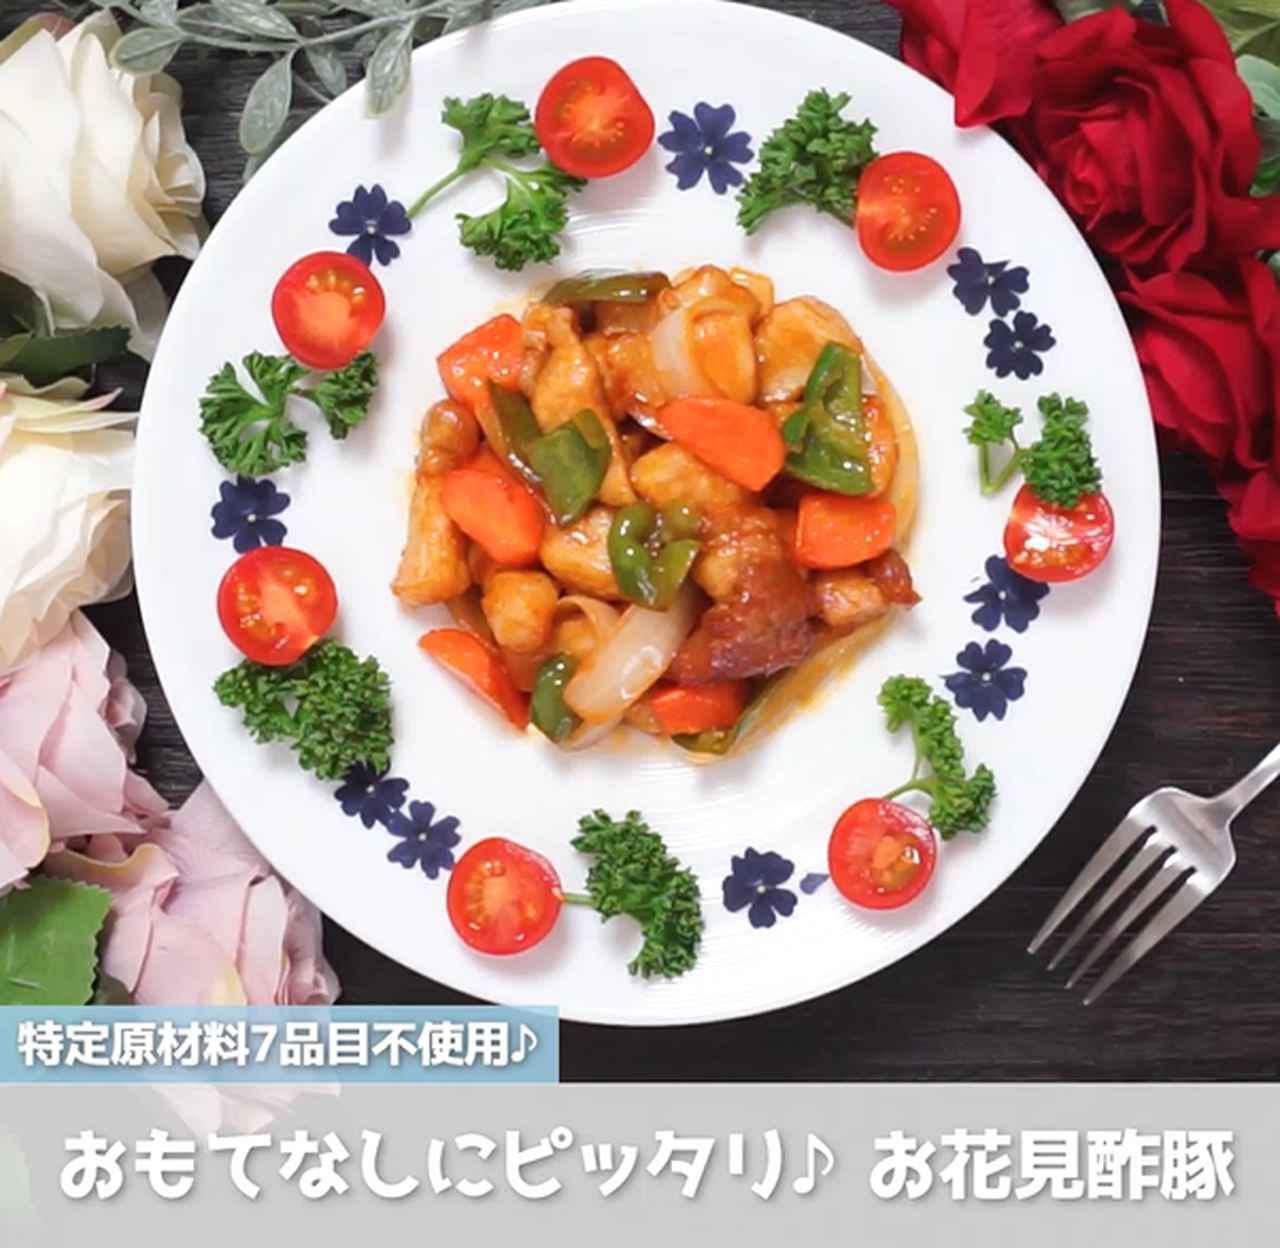 画像: みんなで食べたい酢豚 - 君とごはん